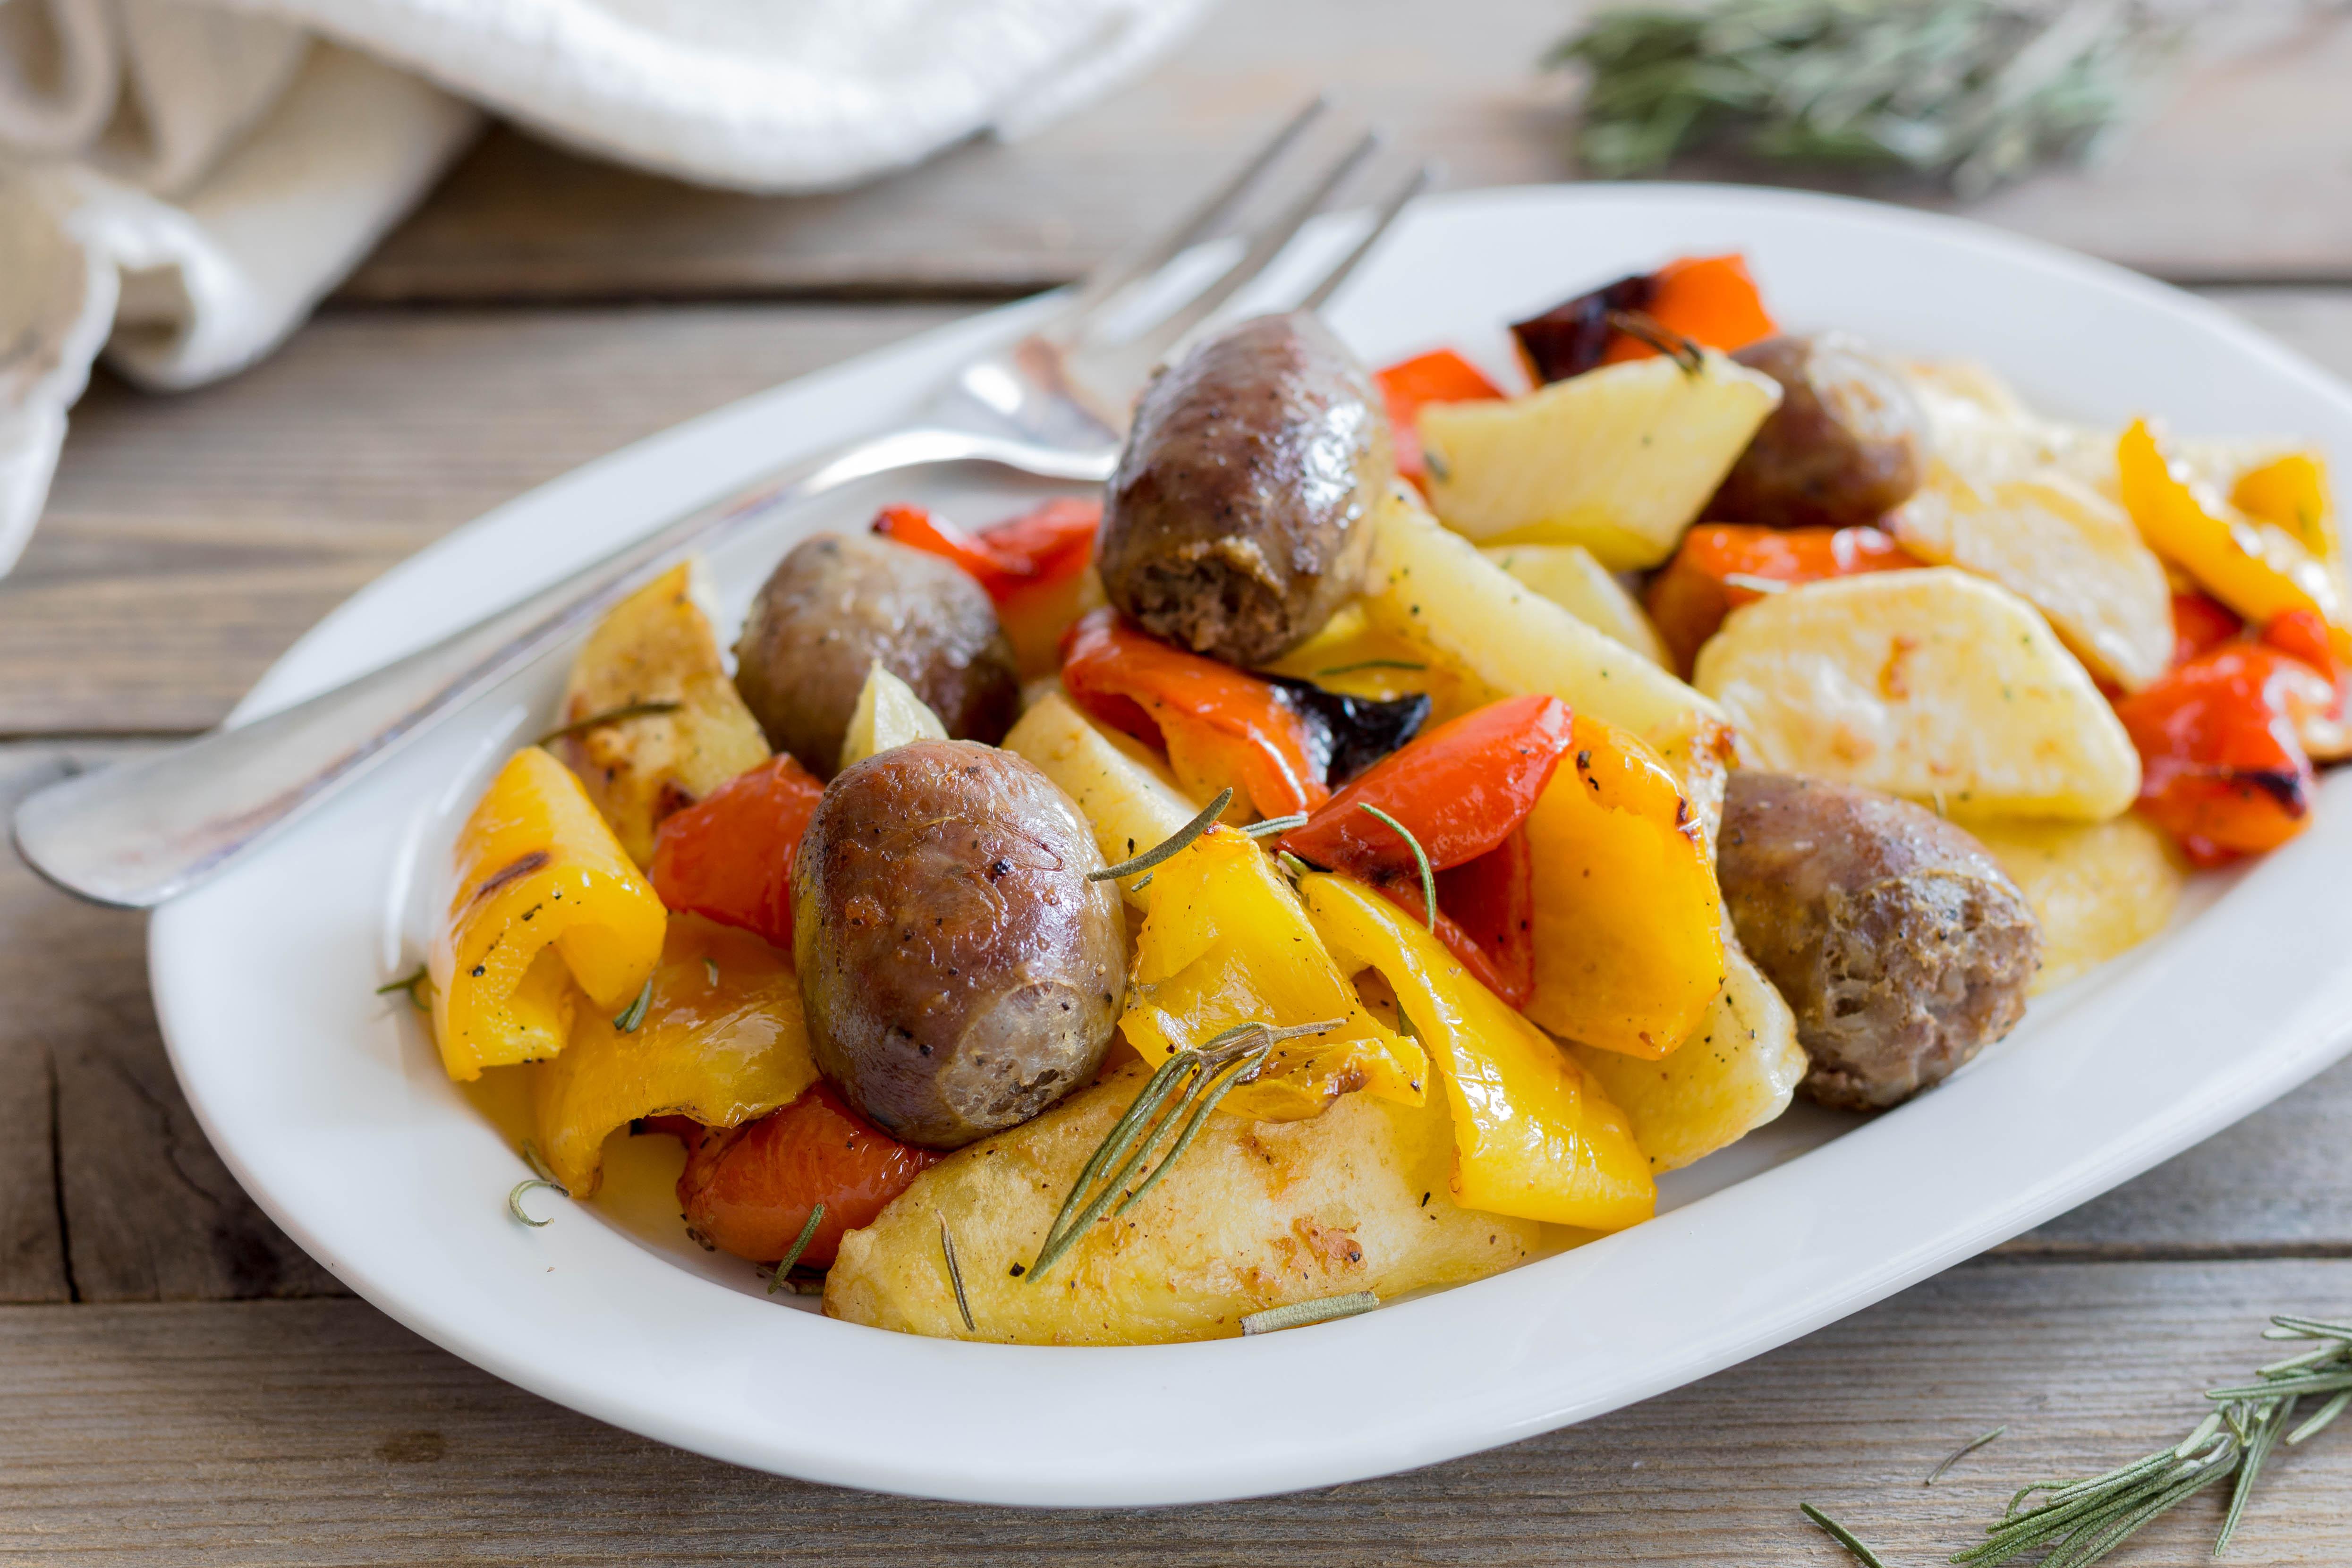 cucina italiana ricette facili e veloci per cucinare